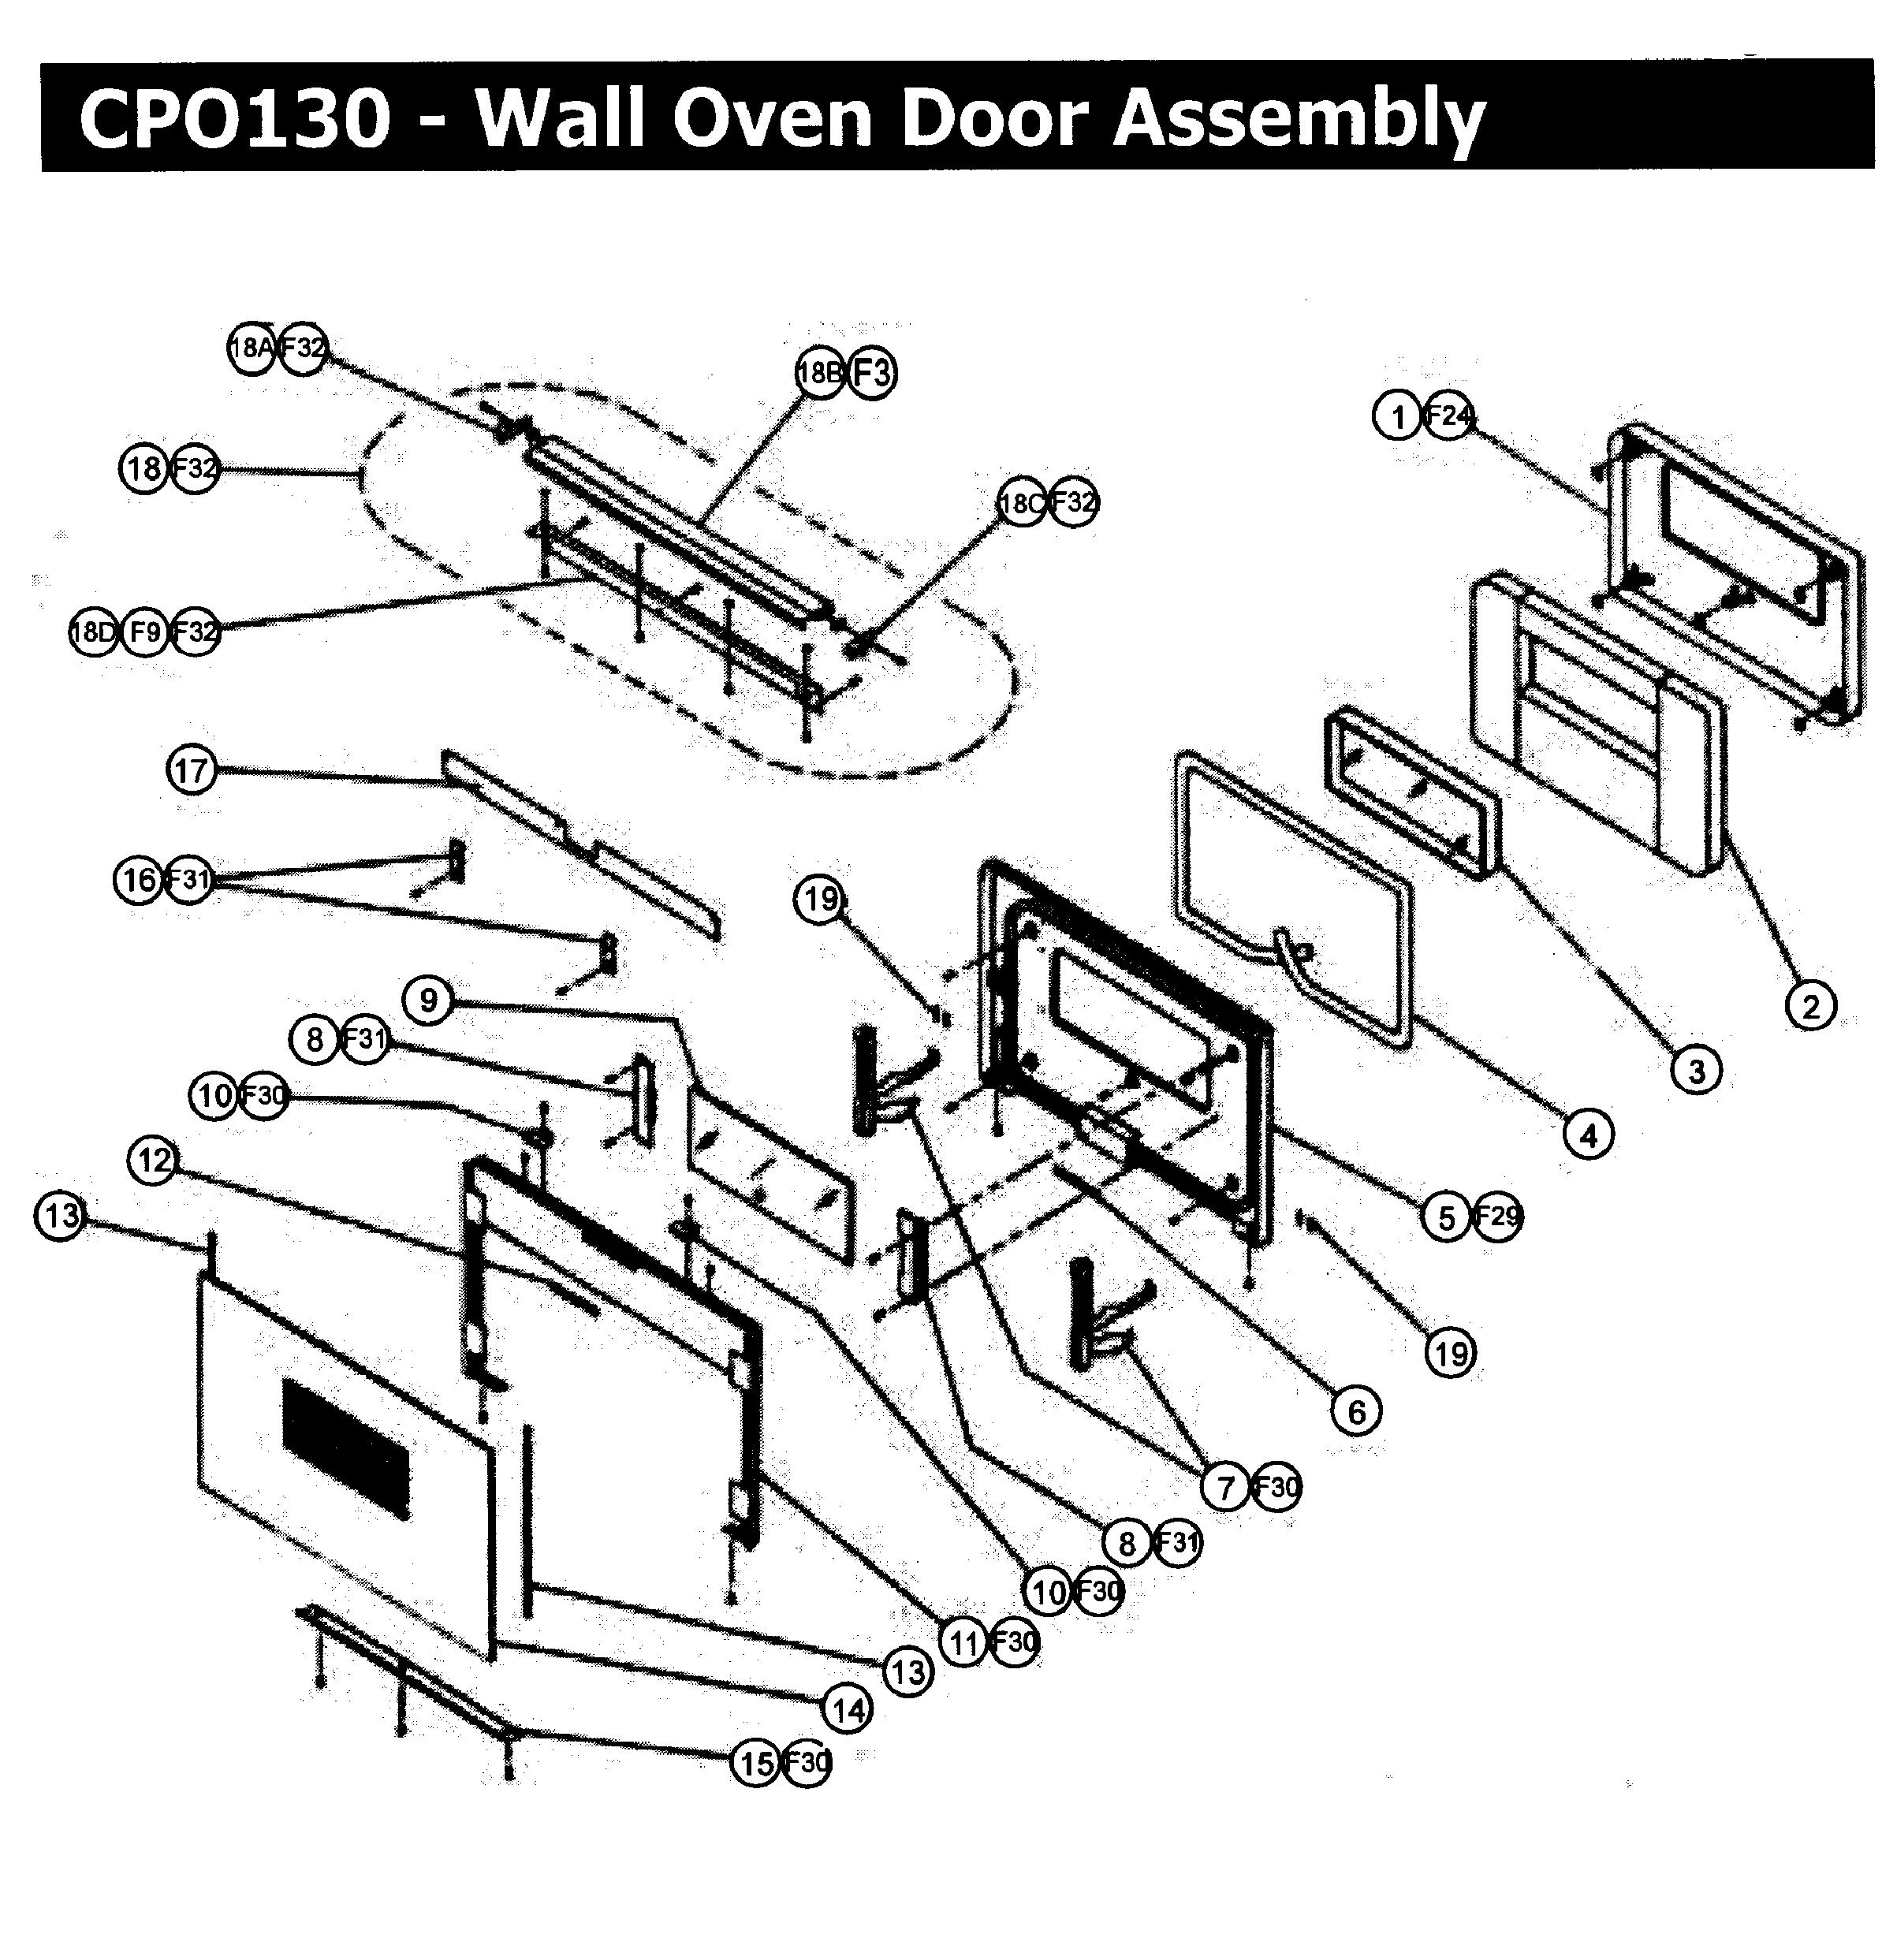 Dacor Cpo130 Wall Oven Timer